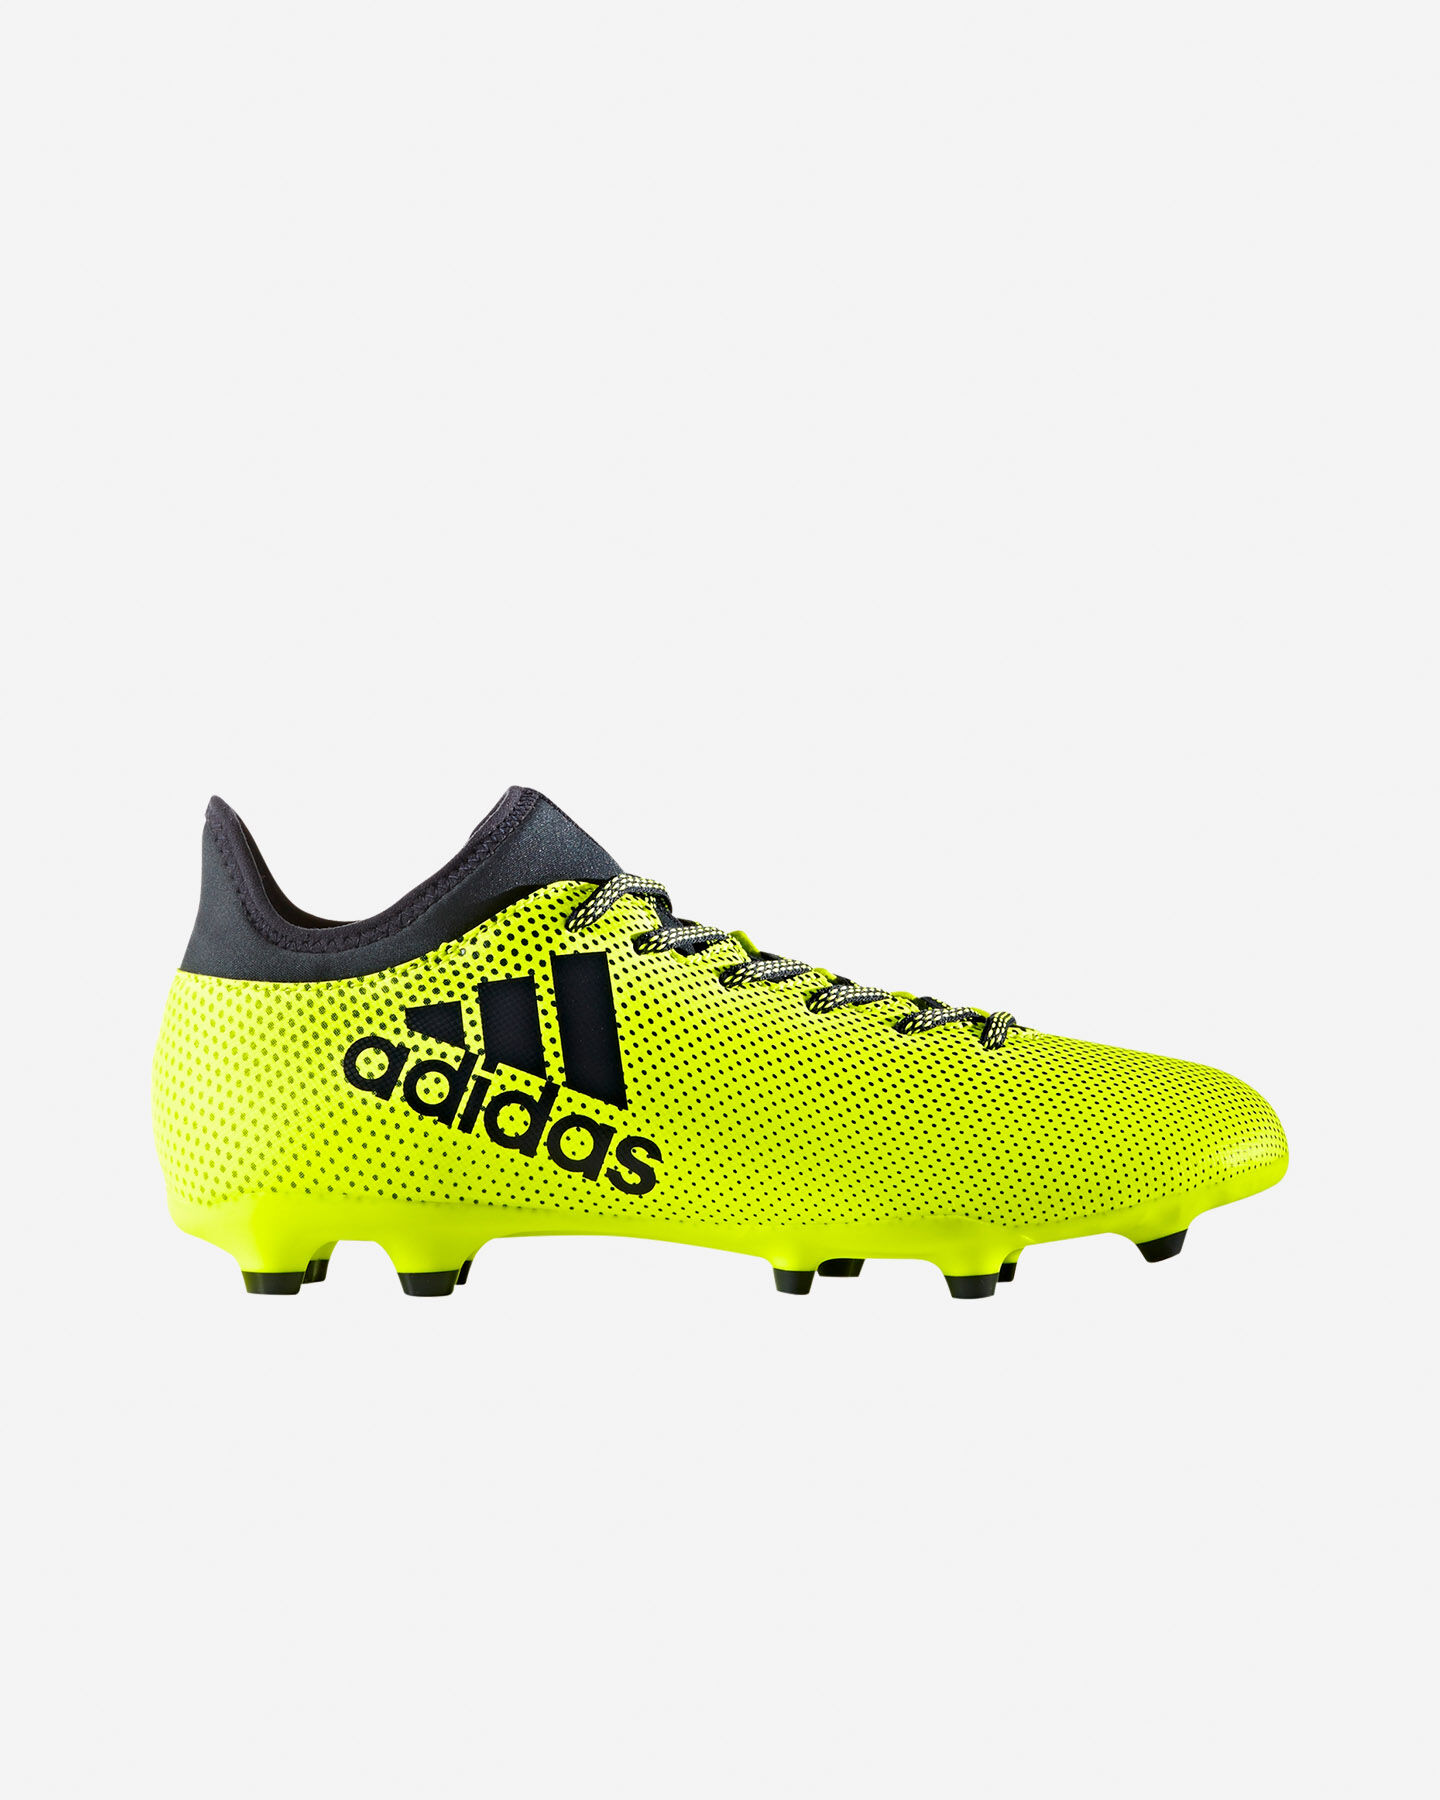 adidas scarpe calcetto 17.3